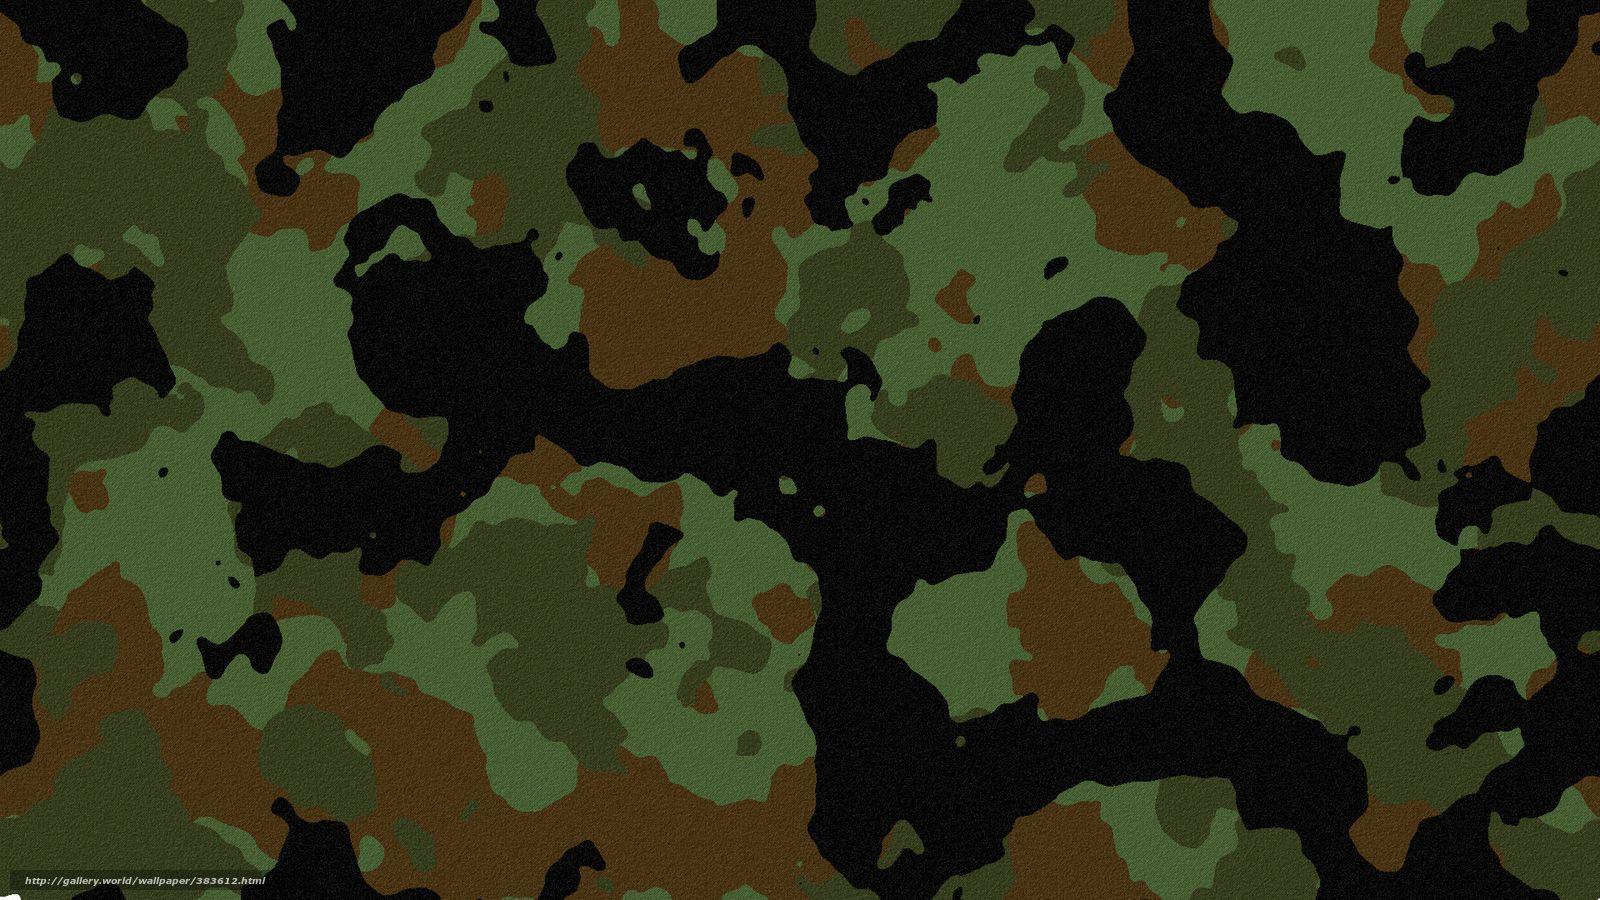 Tlcharger Fond D Ecran Camouflage Kaki Texture Fonds D Ecran Gratuits Pour Votre Rsolution Du Bureau Camouflage Fond D Ecran Couleur Idees De Papier Peint